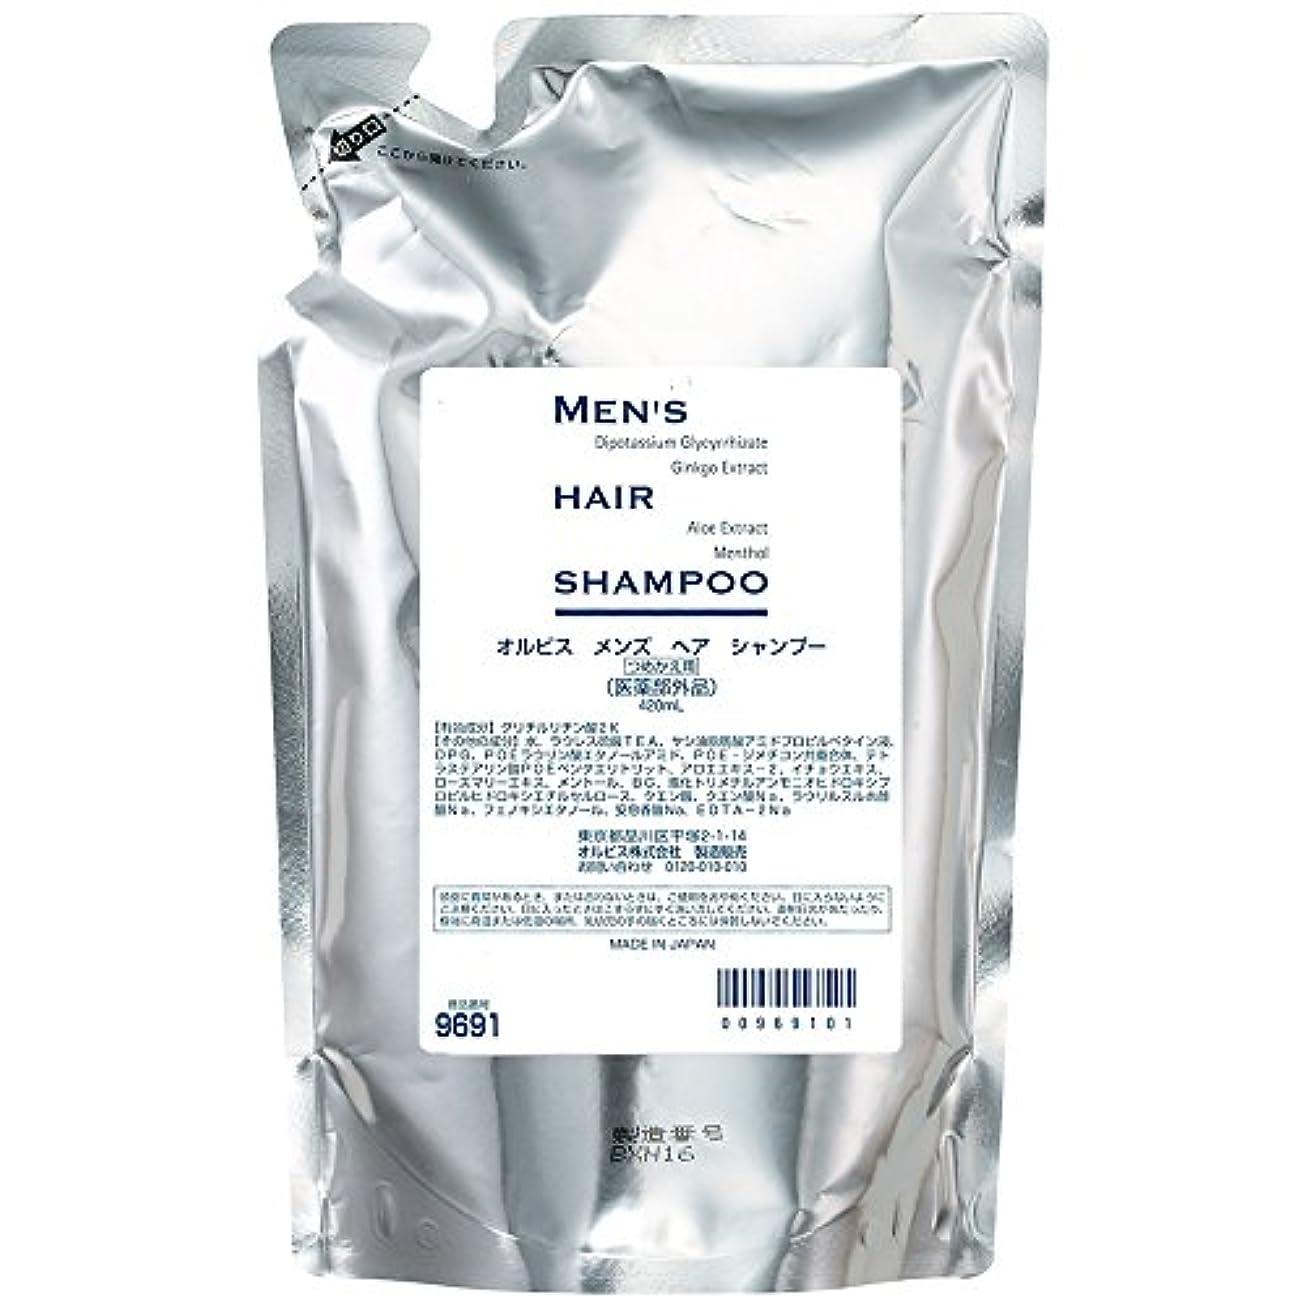 ドループ白菜マークされたオルビス(ORBIS) メンズヘアシャンプー 詰替 420mL ◎男性用薬用シャンプー◎ [医薬部外品]